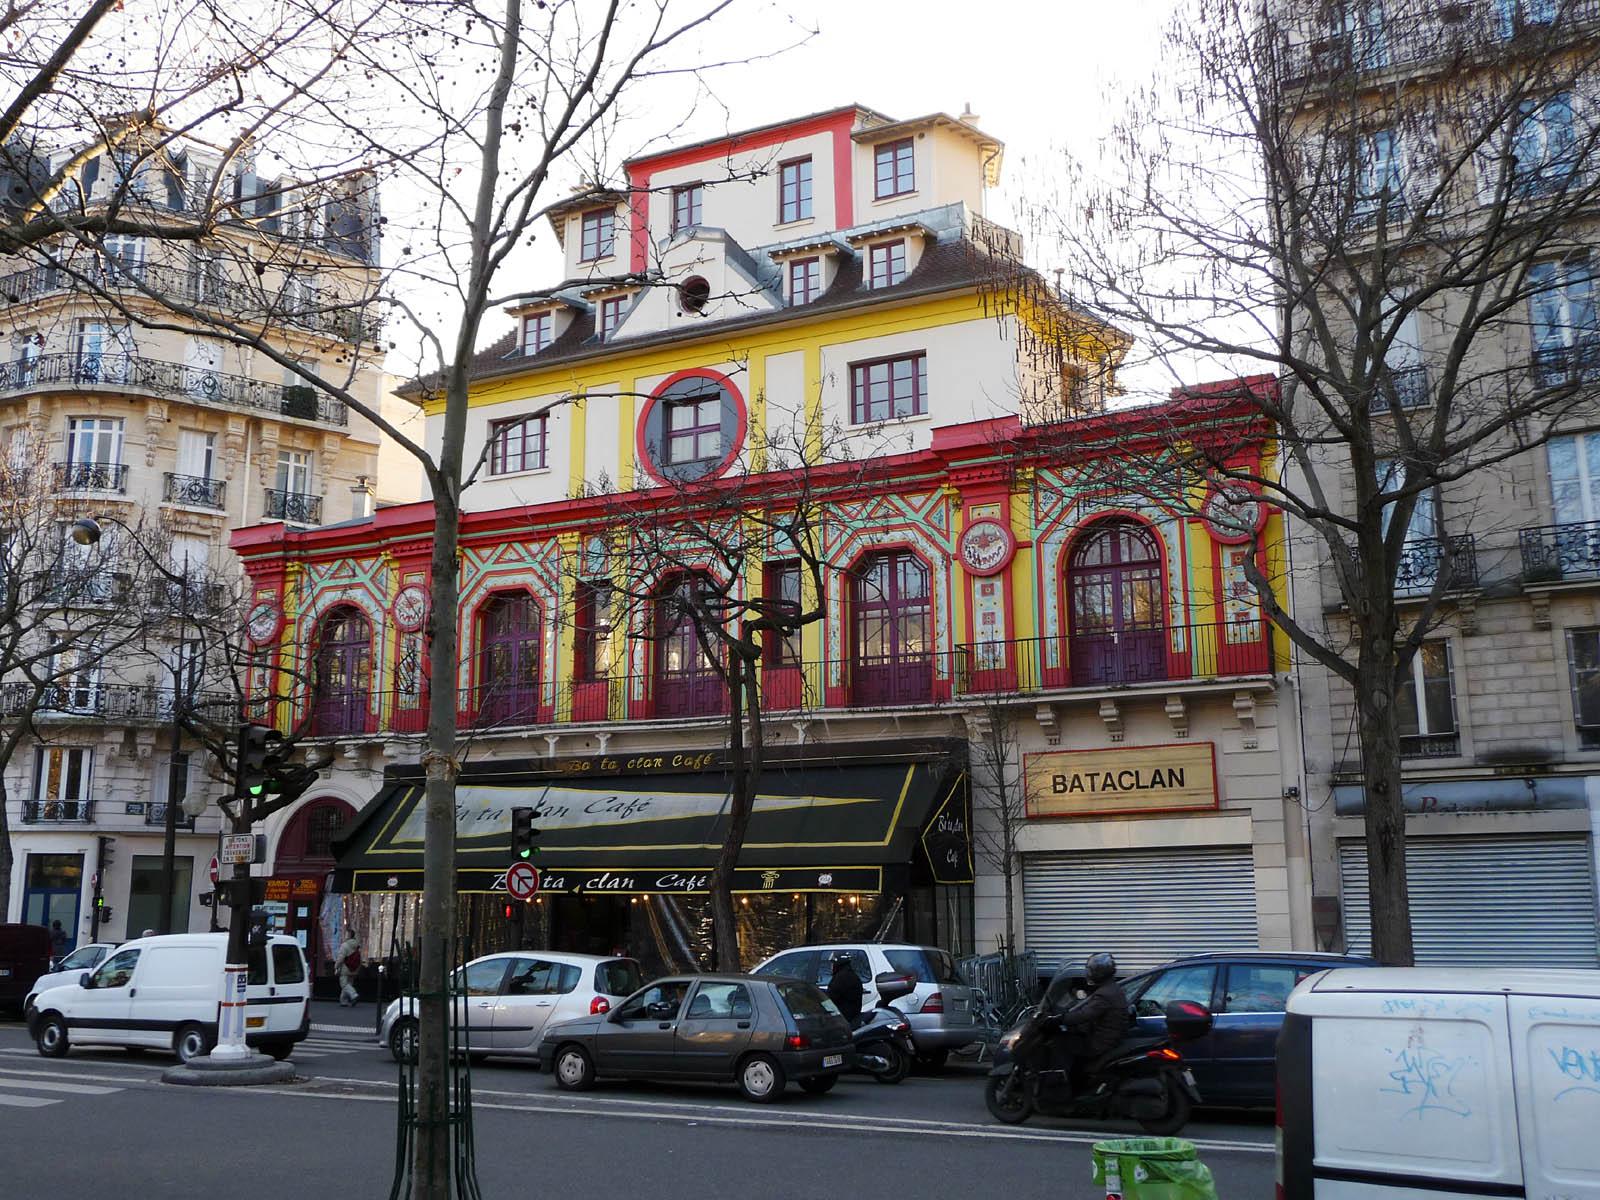 Bataclan. Paris